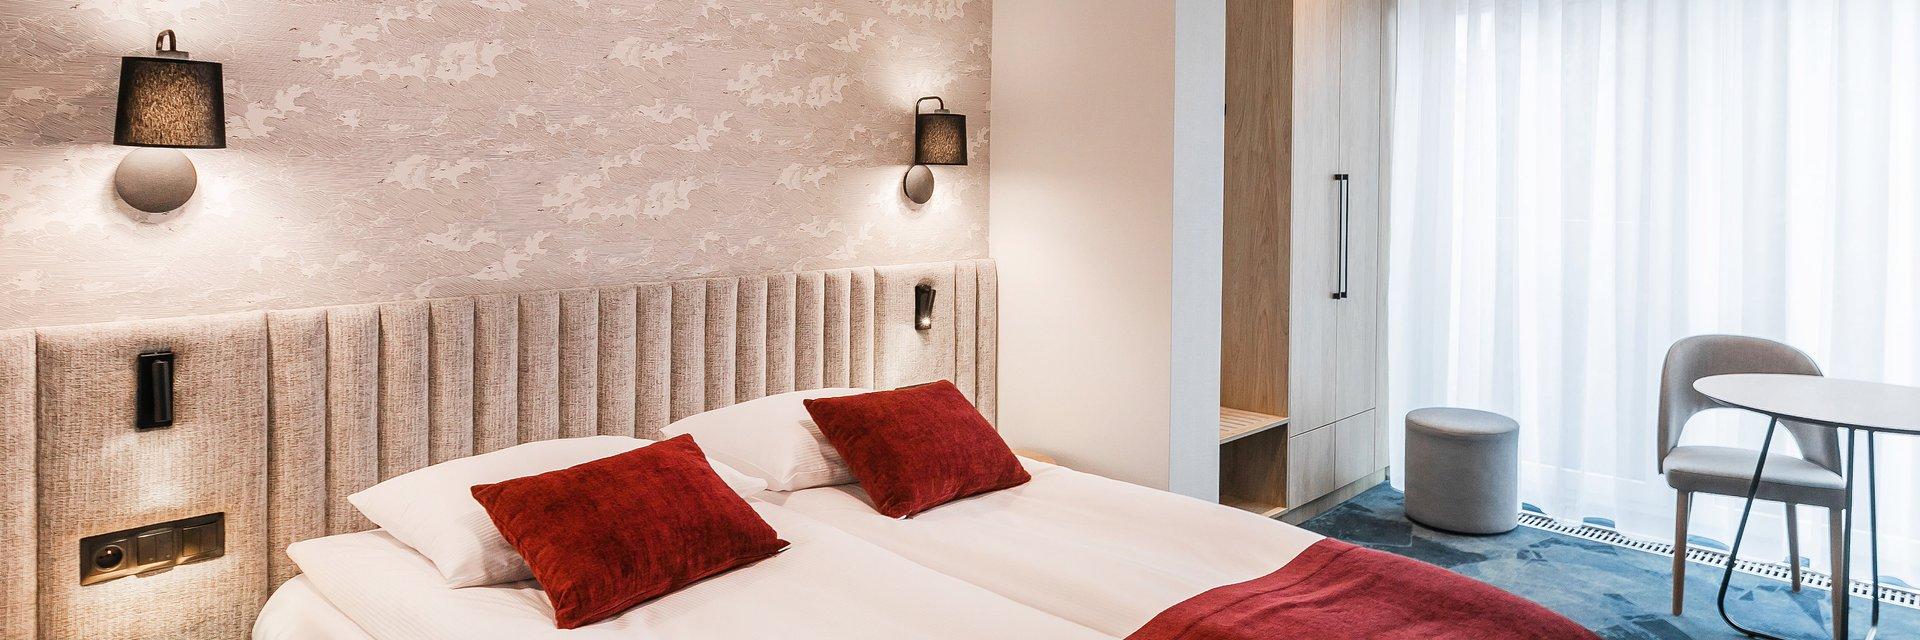 Vesper House Hotel – tu zatrzymasz się w Trójmieście!